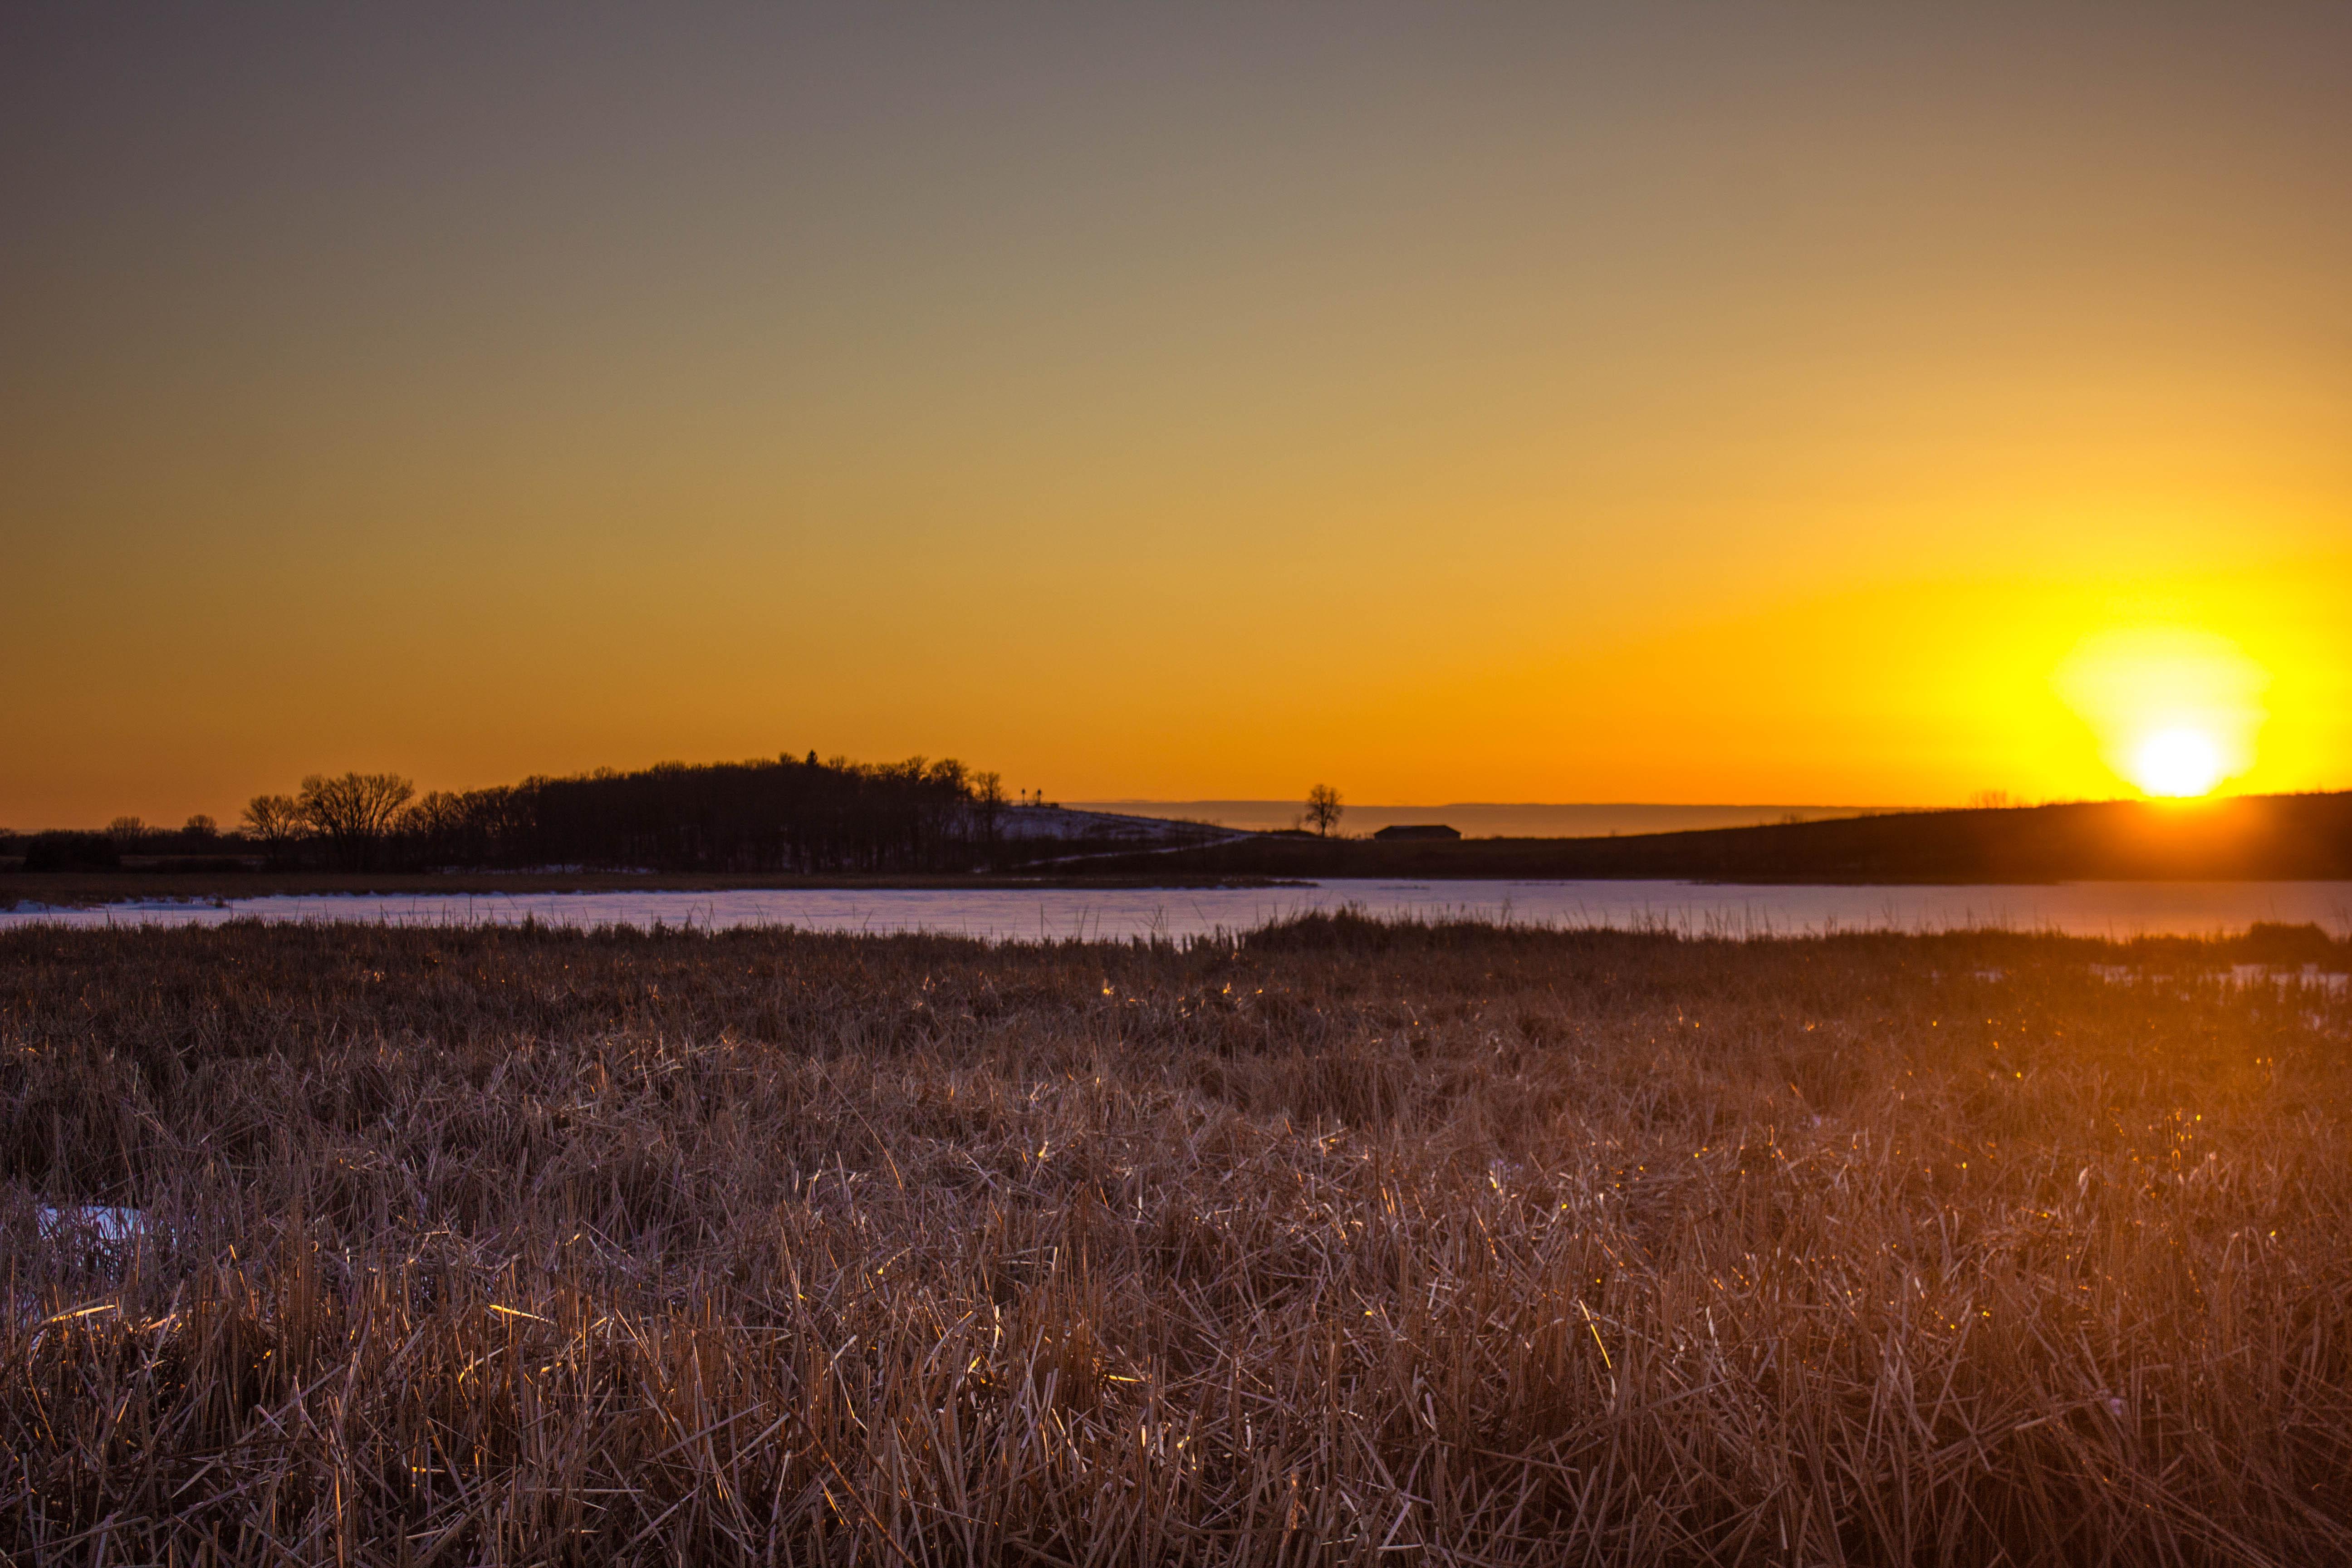 Sunset and Dusk at the wildlife refuge, Wisconsin image ...